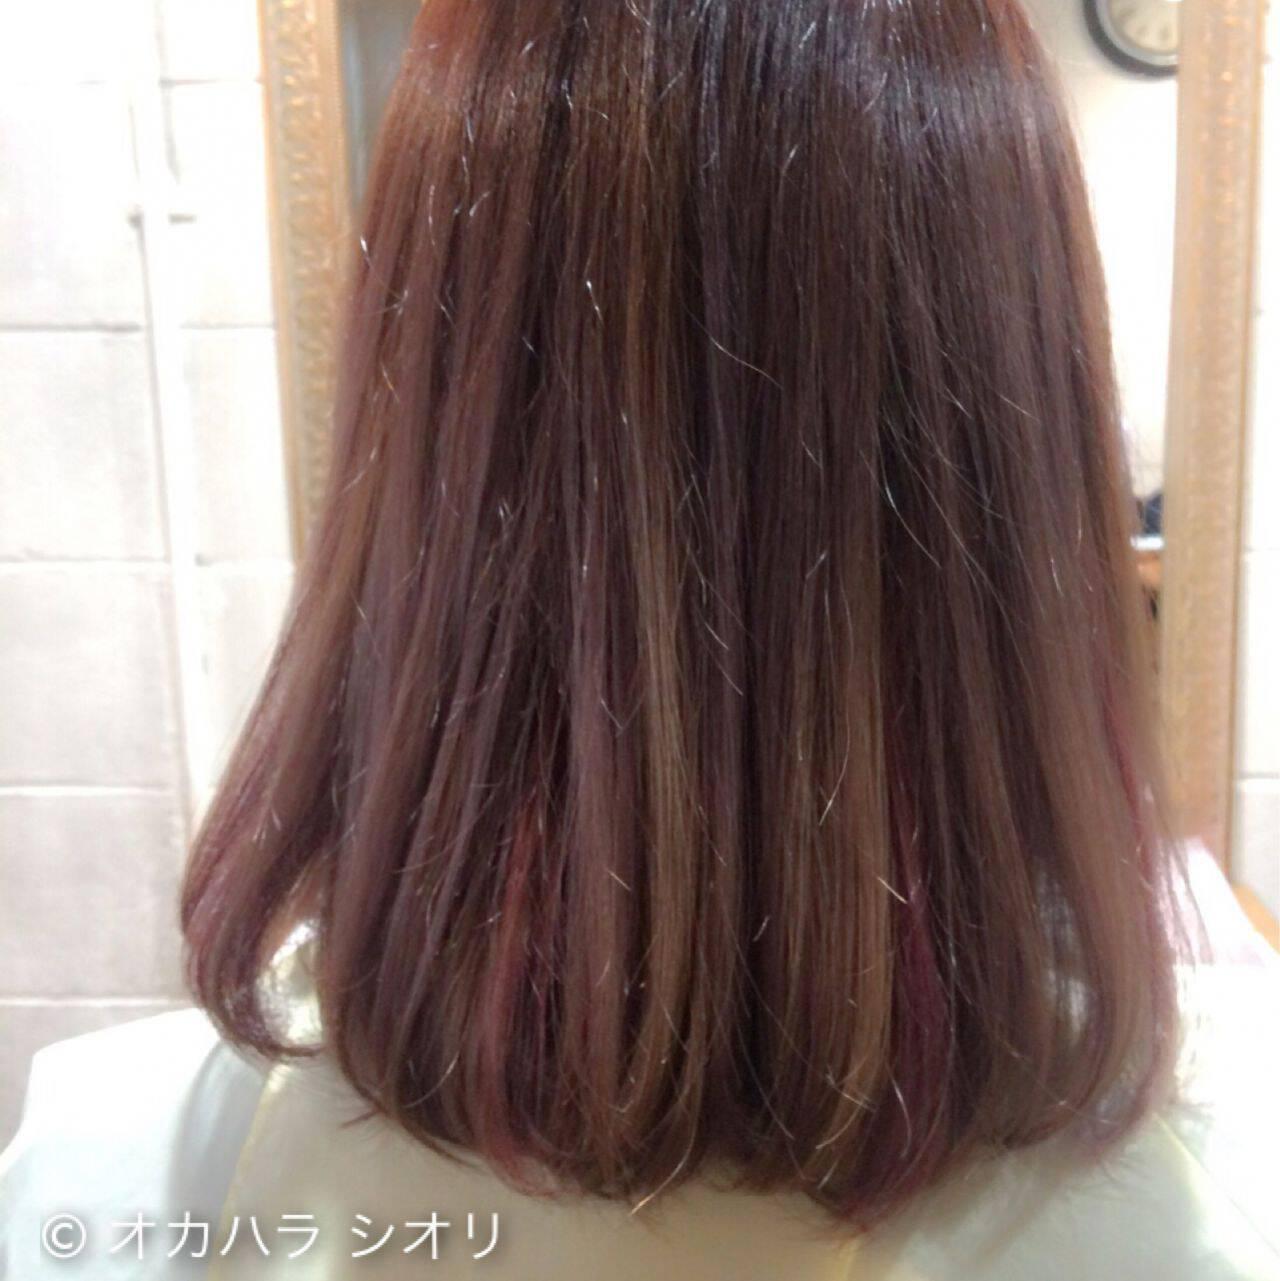 ダブルカラー ベージュ ピンク ストリートヘアスタイルや髪型の写真・画像